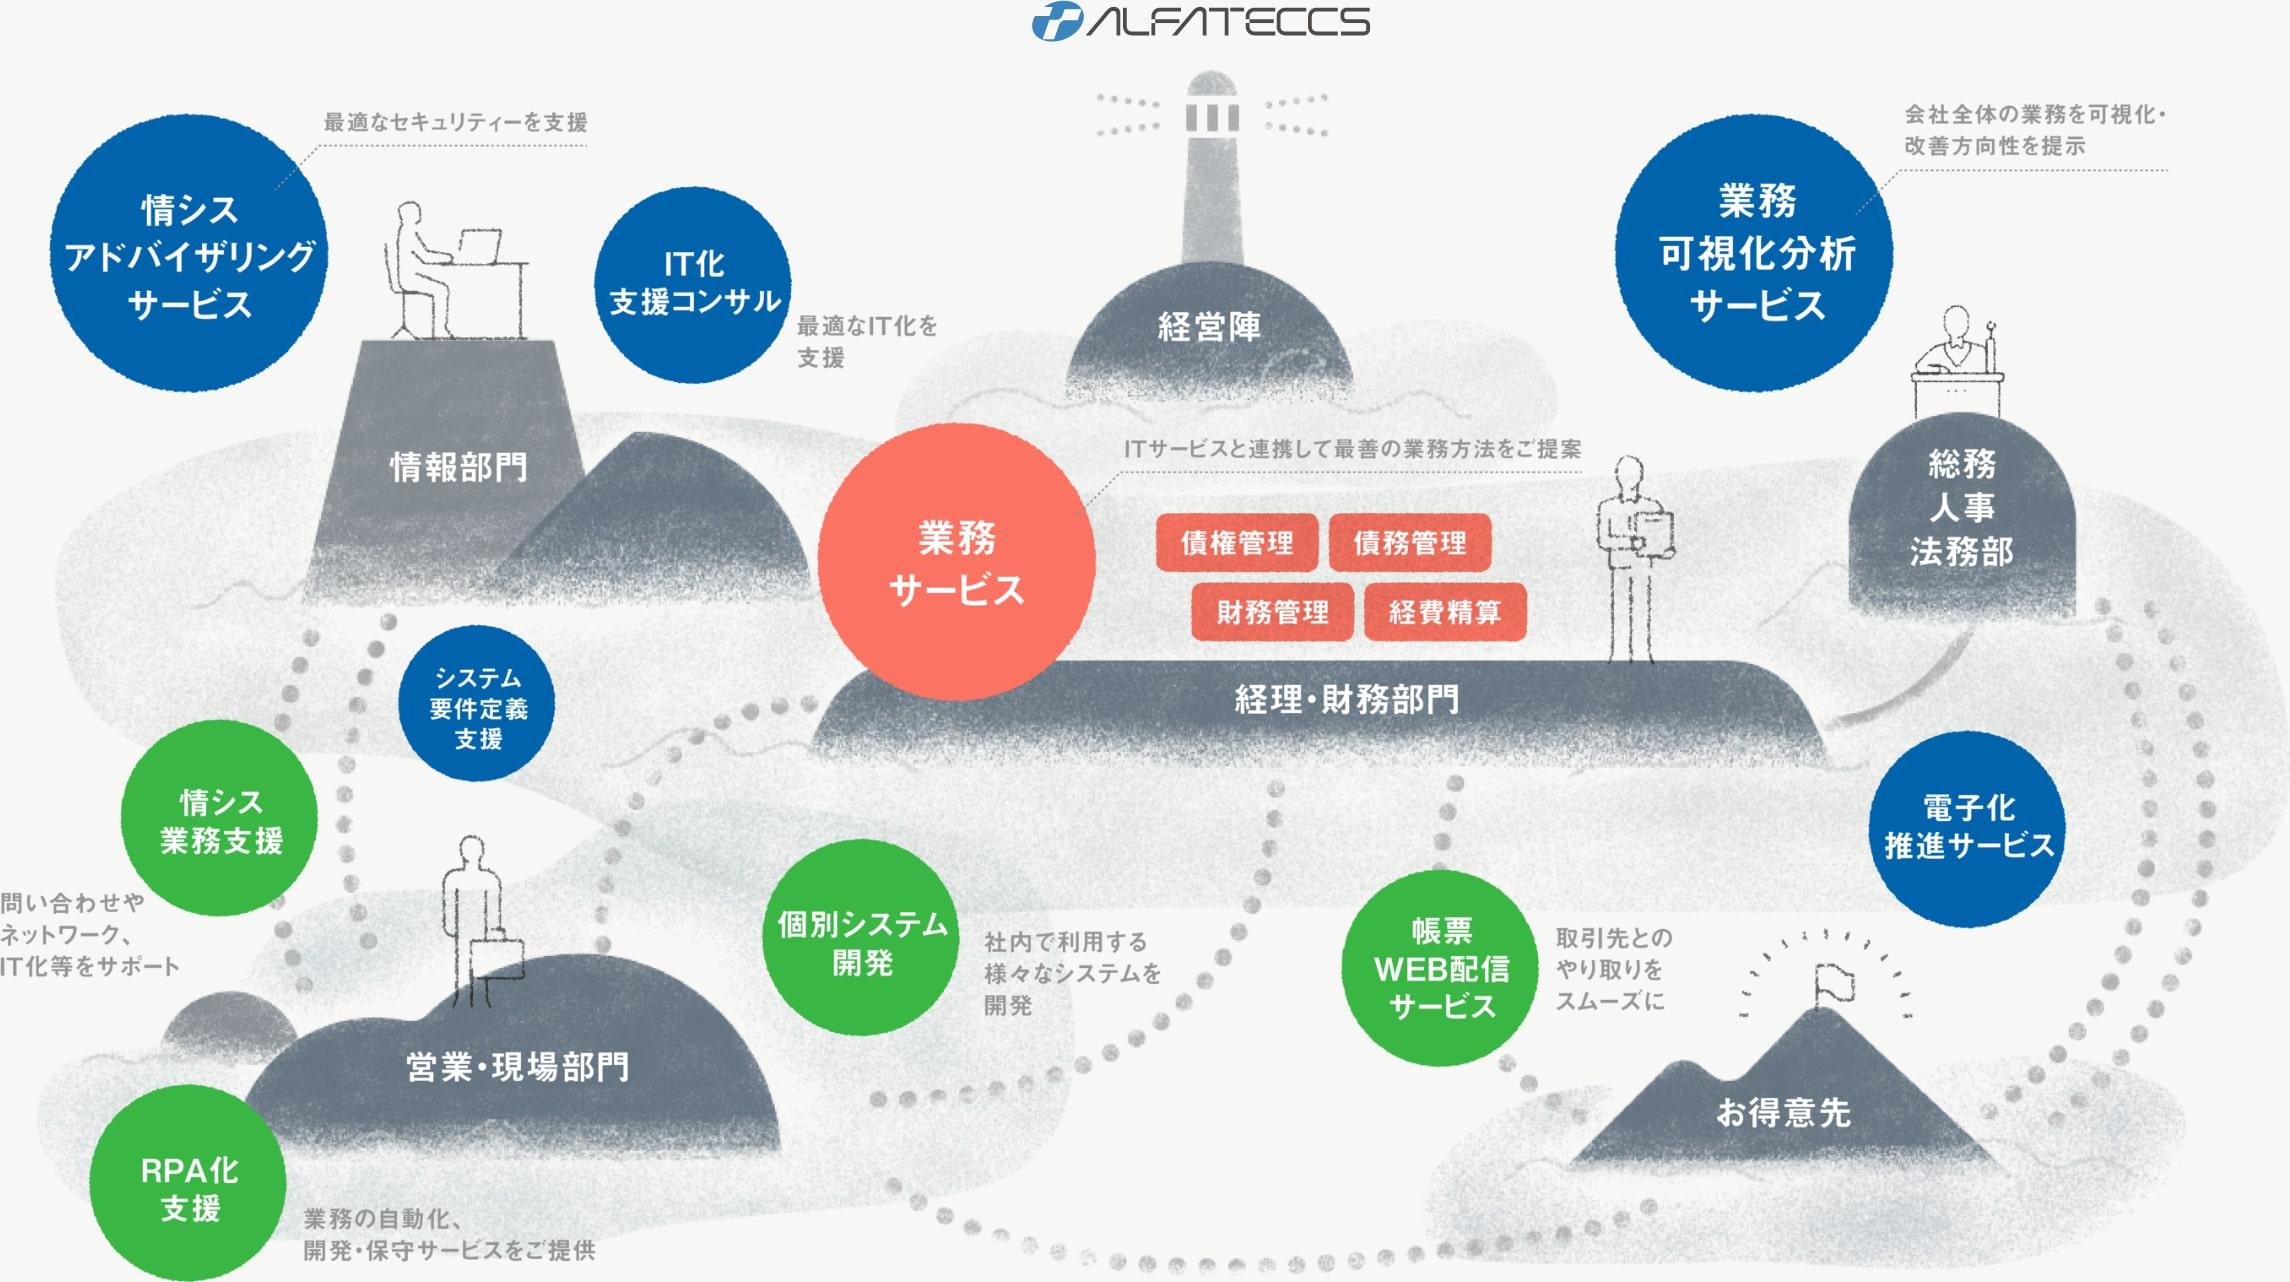 経理・人事・総務・情報システム業務